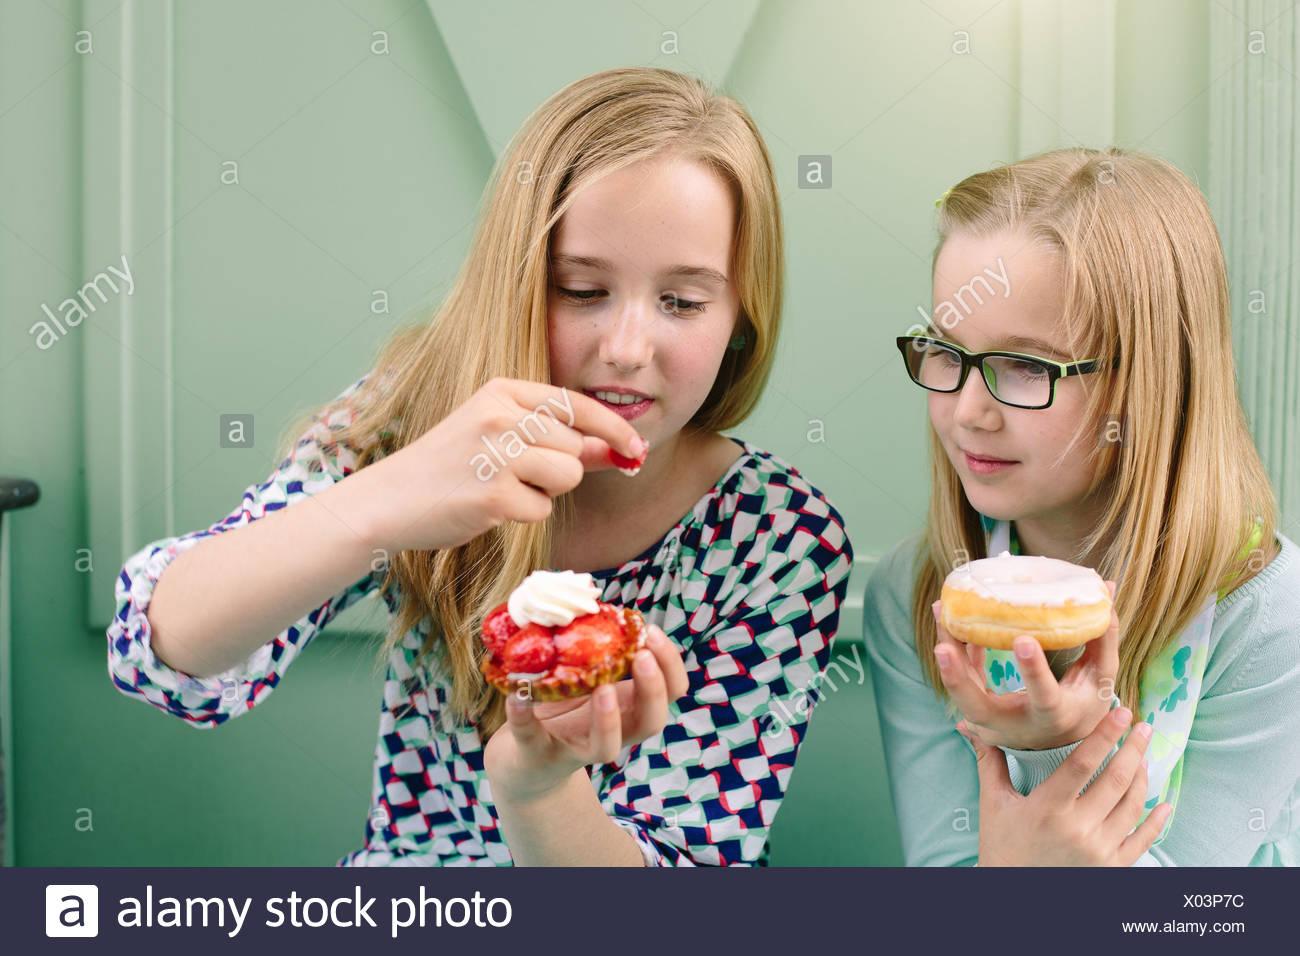 Dos hermanas la celebración de pasteles y fresas Imagen De Stock